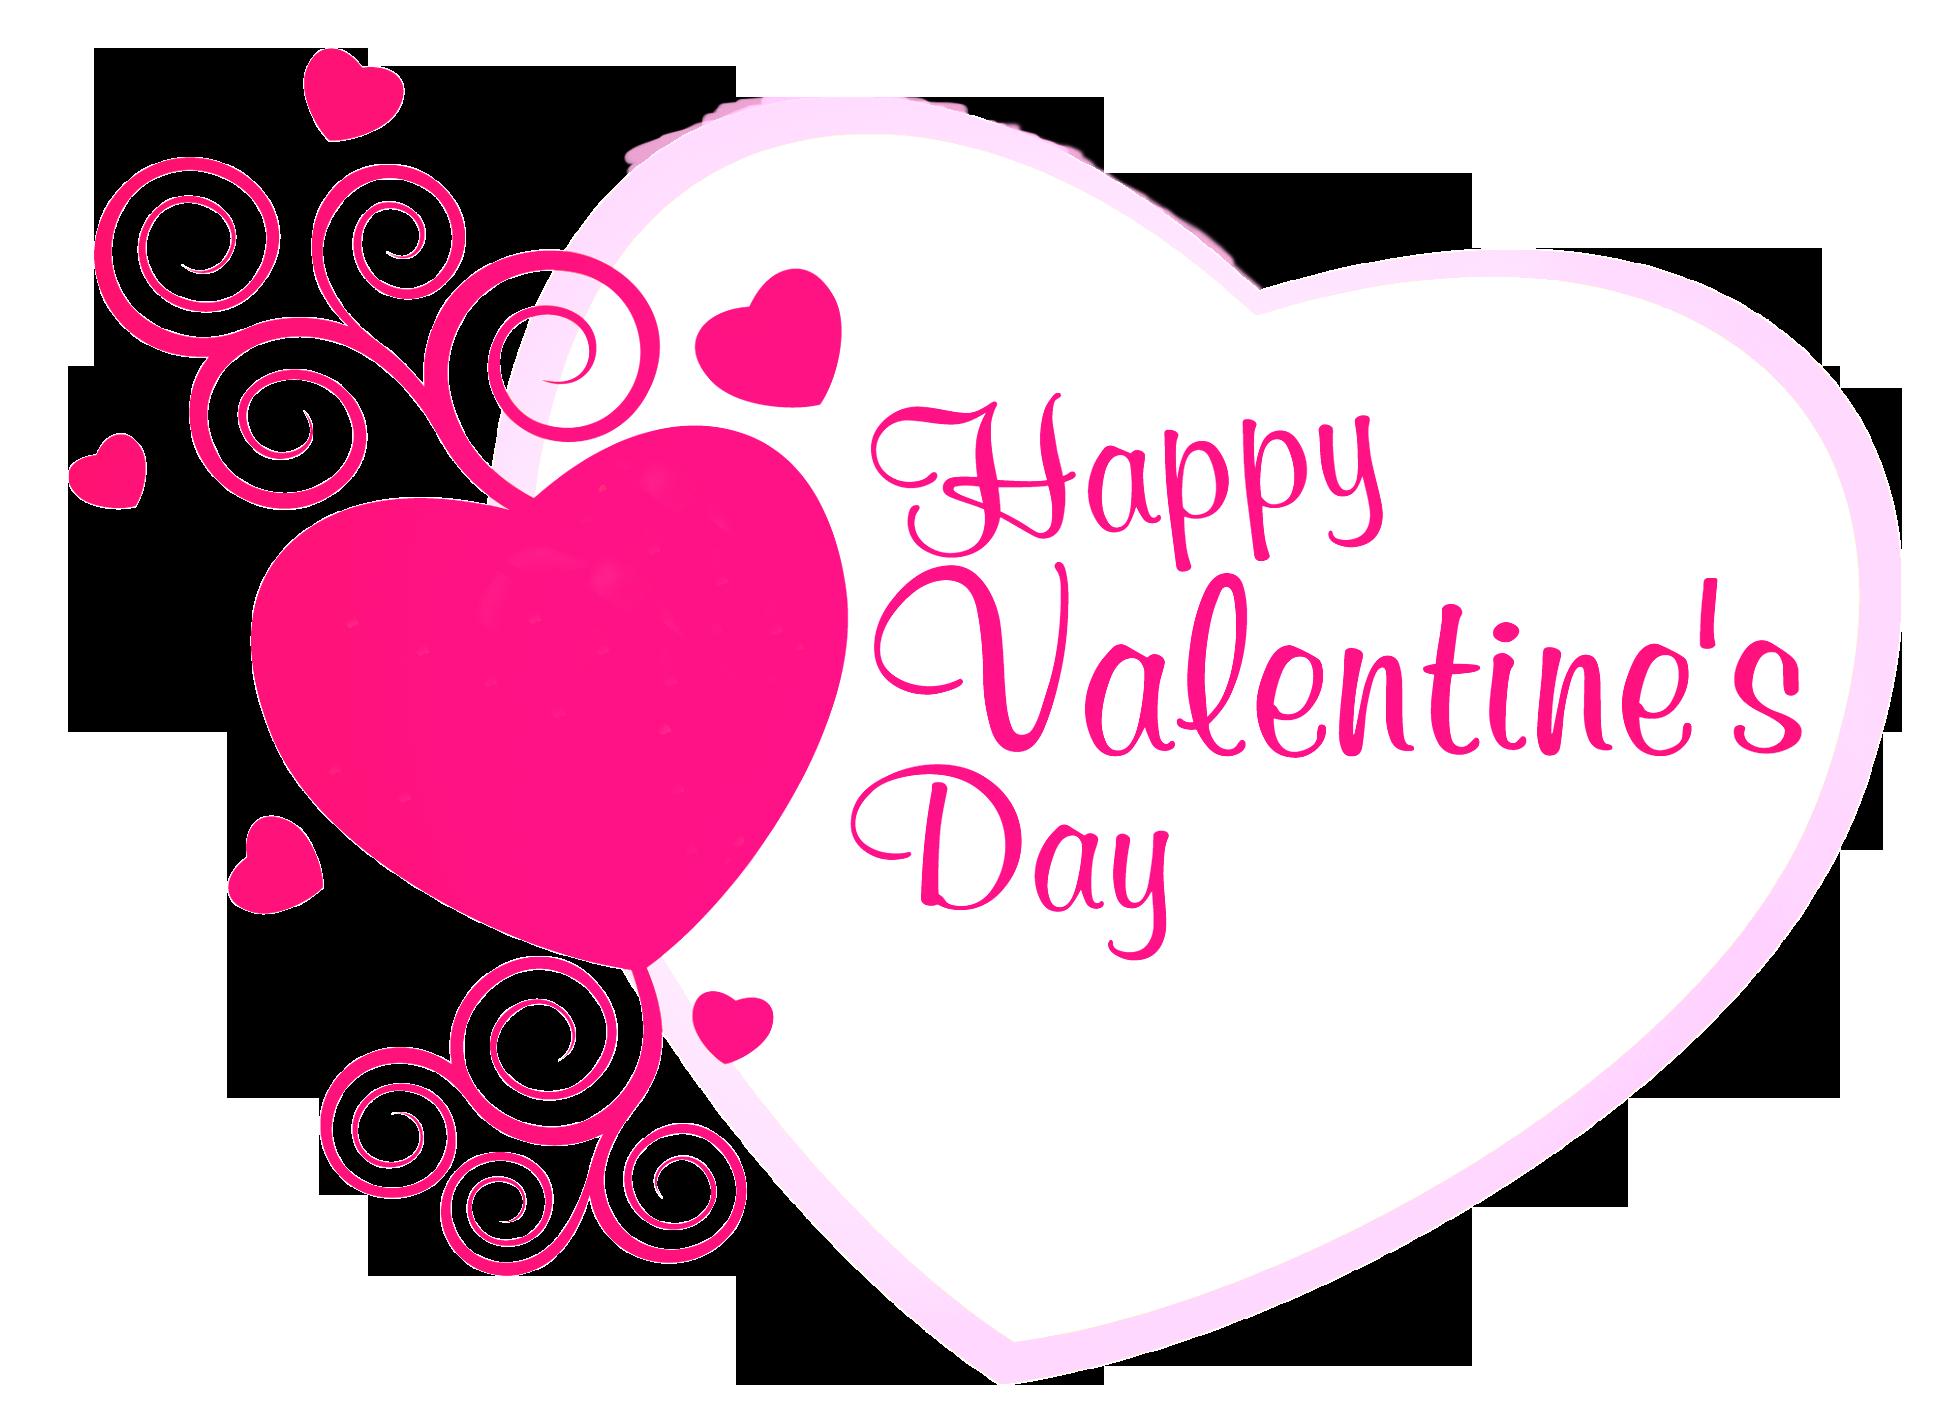 heart clipart valentine s day 3 valentines hearts happy valentines day wishes valentine cupcakes [ 1953 x 1418 Pixel ]